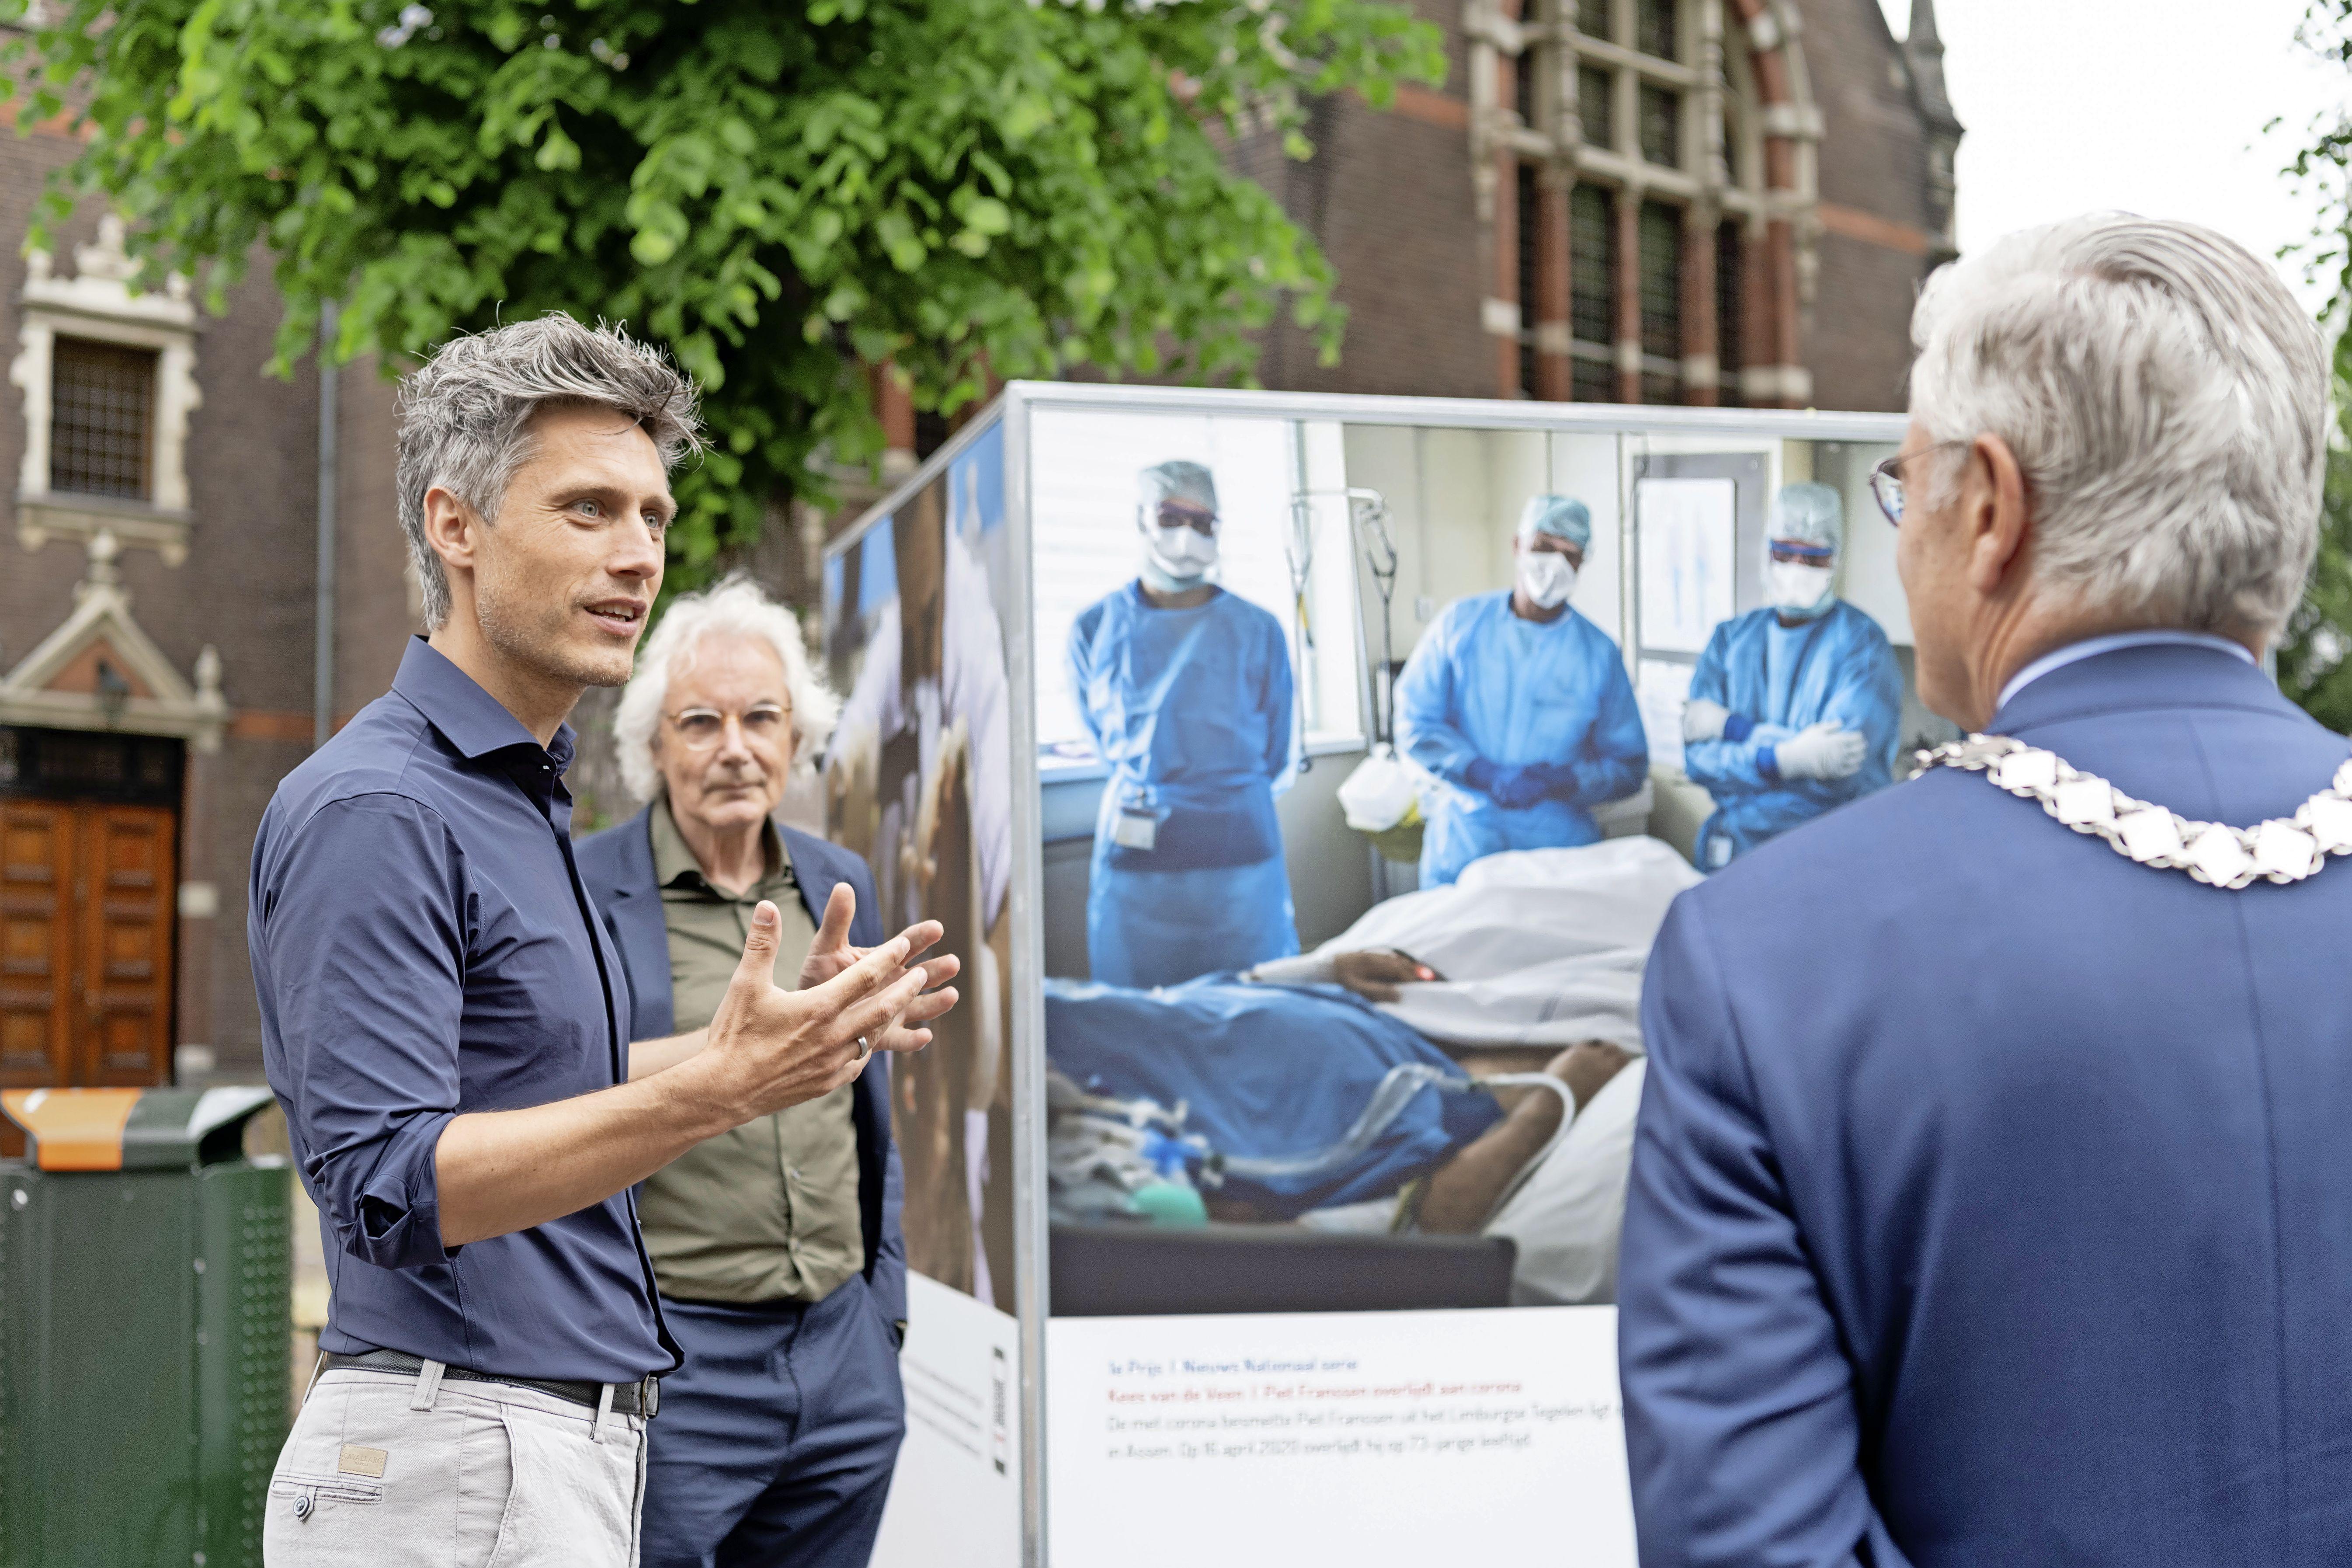 Hilversums burgemeester Charlie Aptroot dankt Kees van de Veen voor winnende beelden tijdens opening tentoonstelling Zilveren Camera